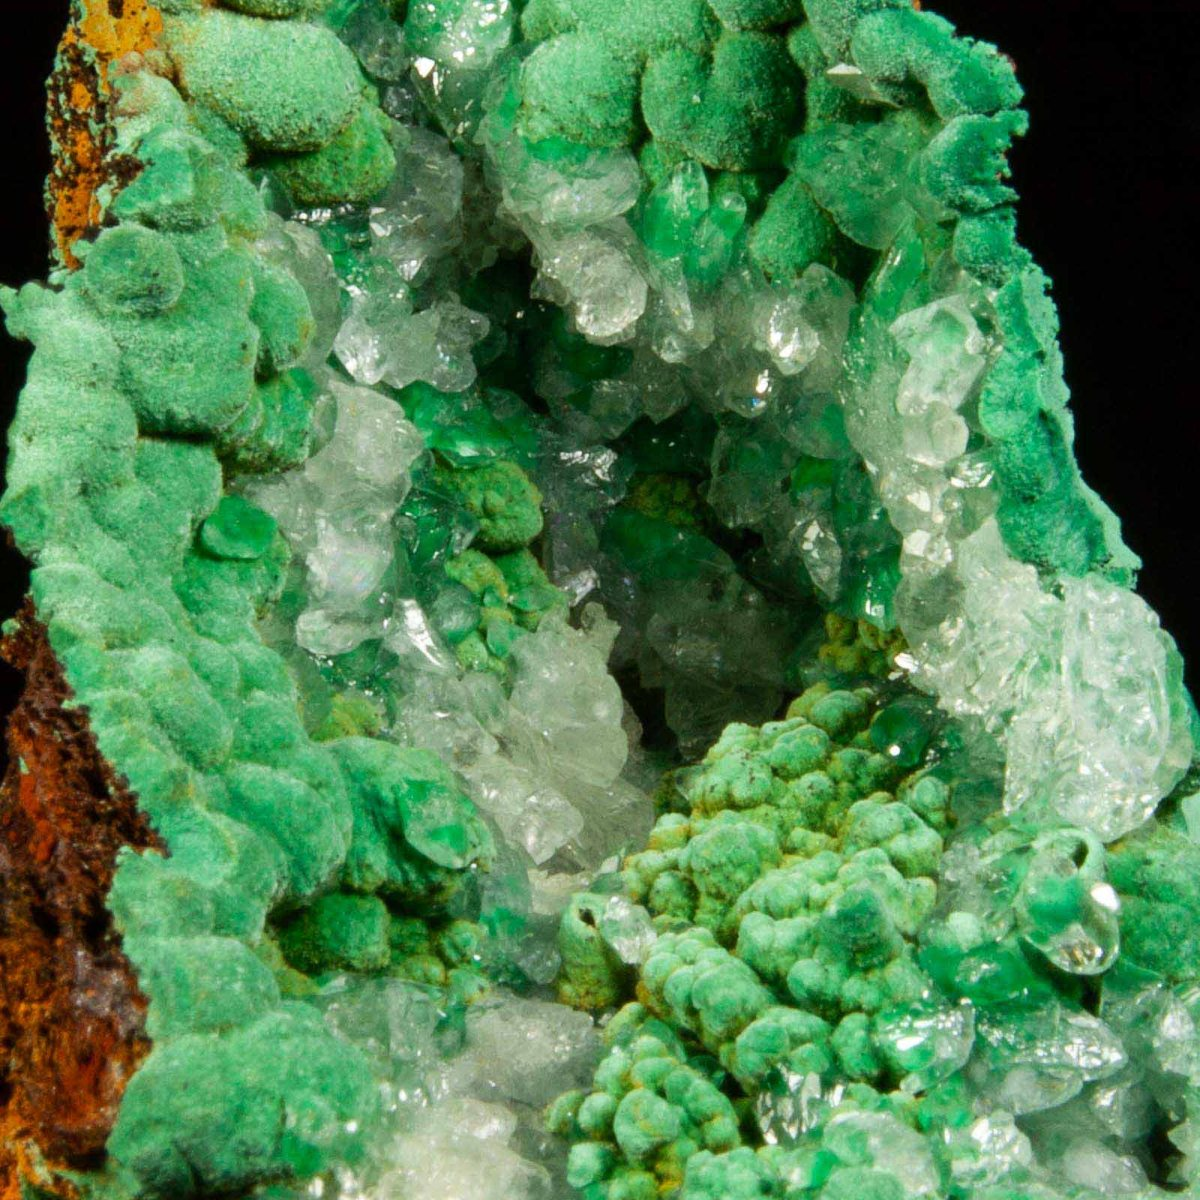 Malachite and Calcite